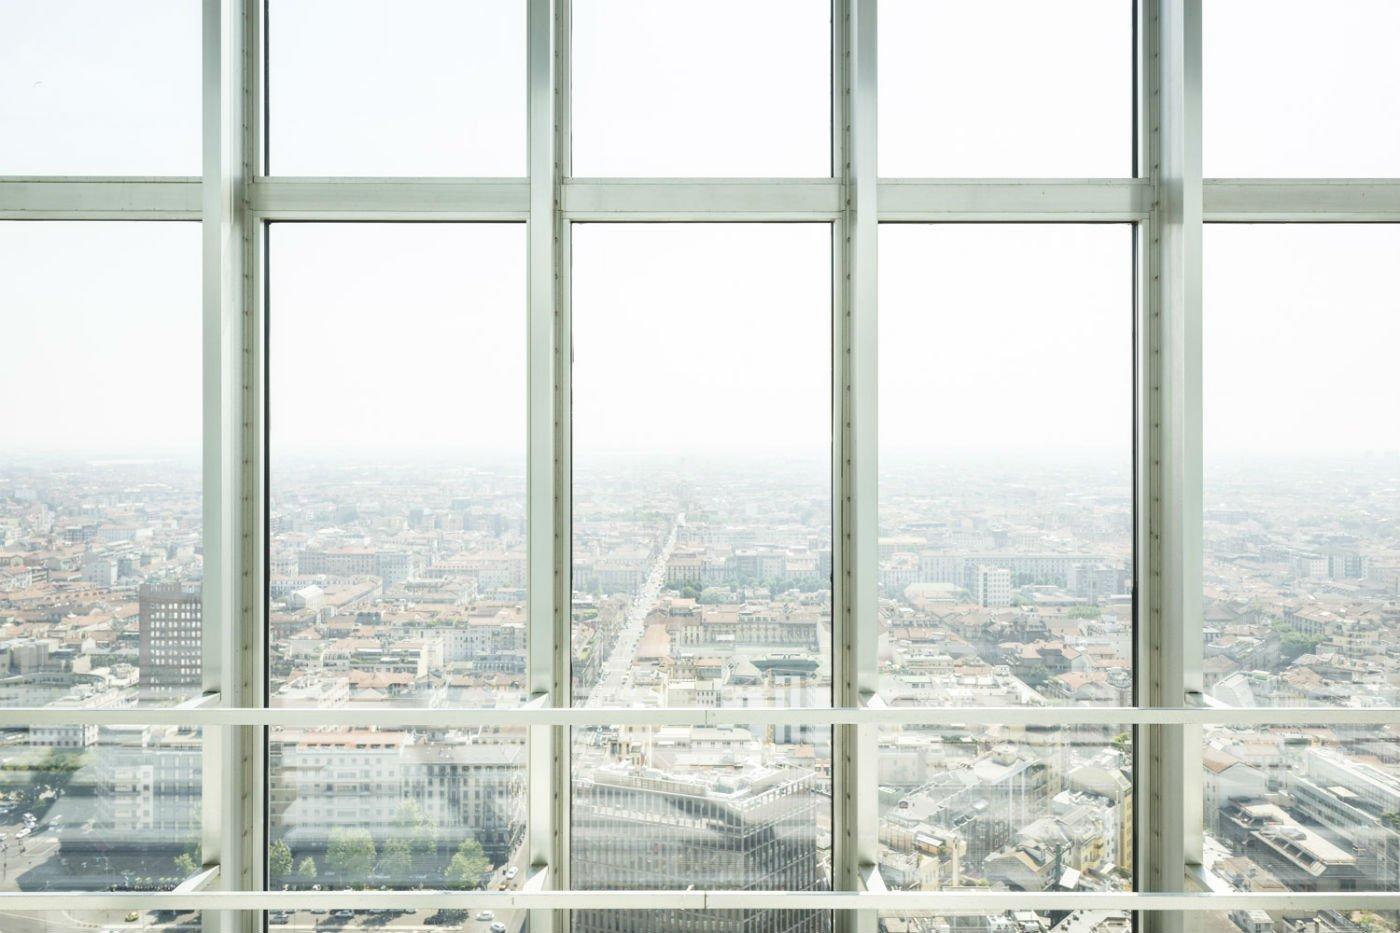 Luca Rotondo fotografo open house mi Grattacielo Pirelli 5 OPEN HOUSE MILANO 2019